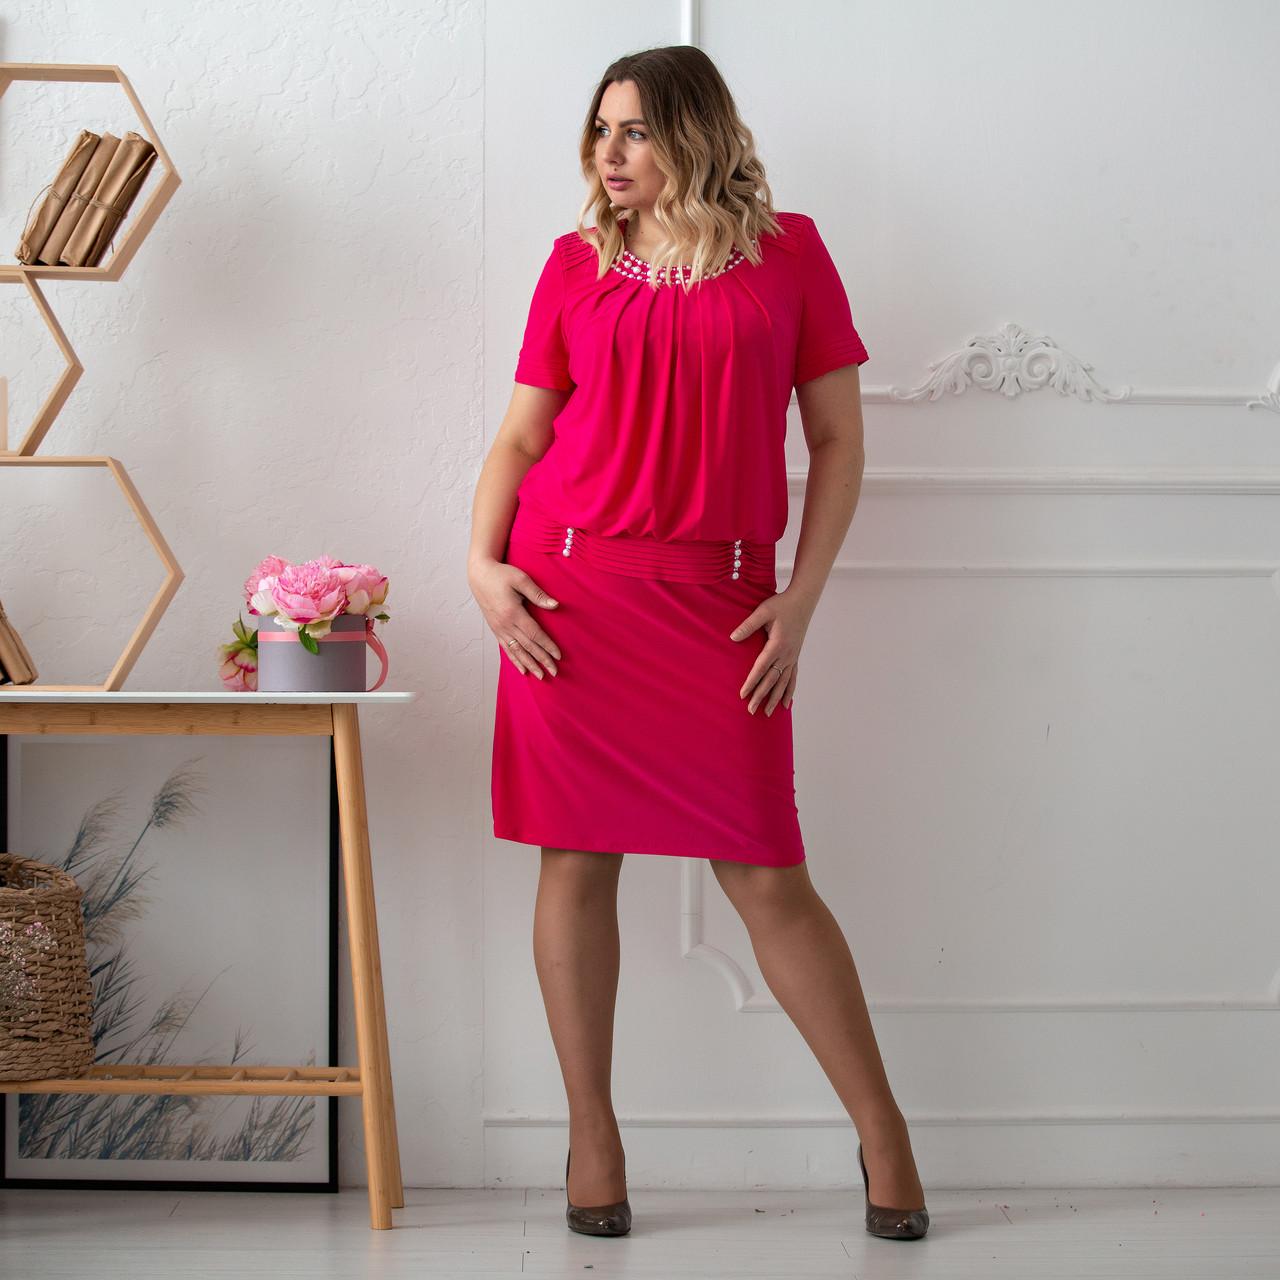 Нарядные платья больших размеров интернет магазин 50-60 сиреневый